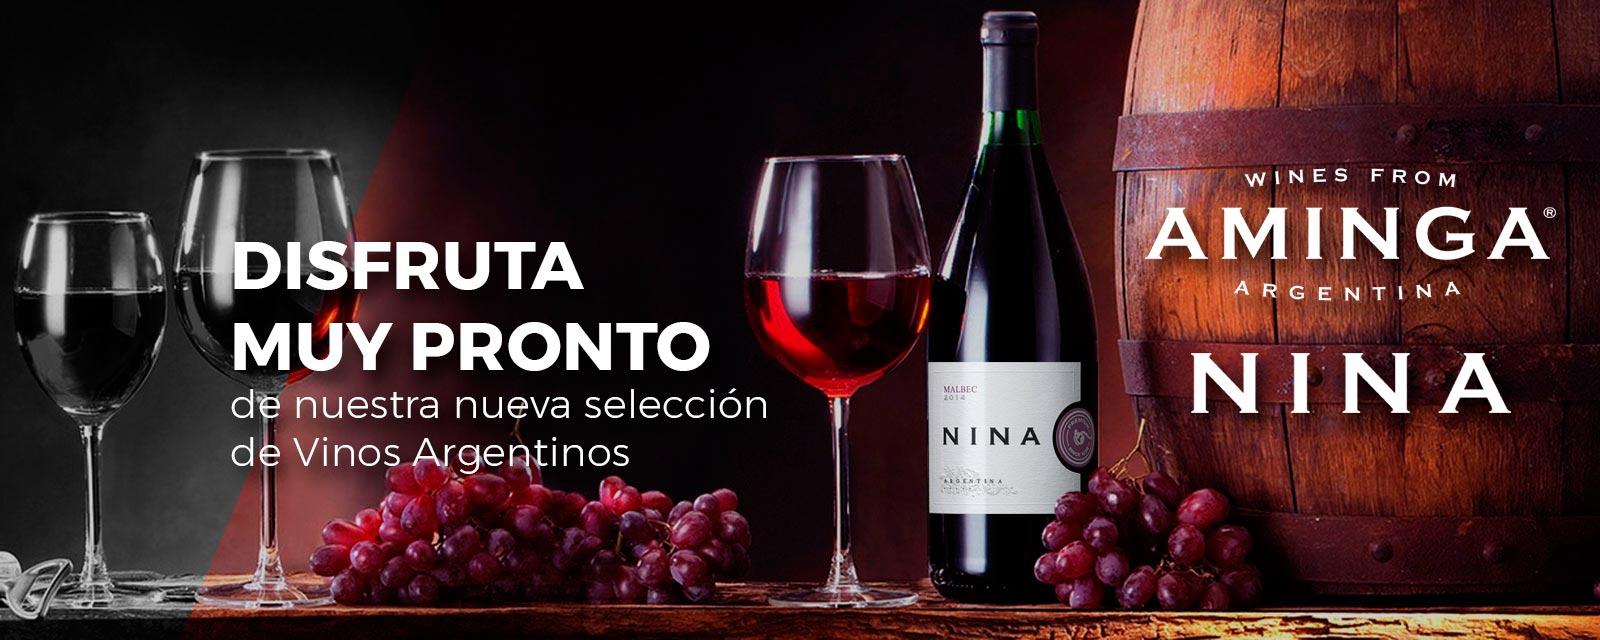 Nueva selección de vinos argentinos Nina y Aminga